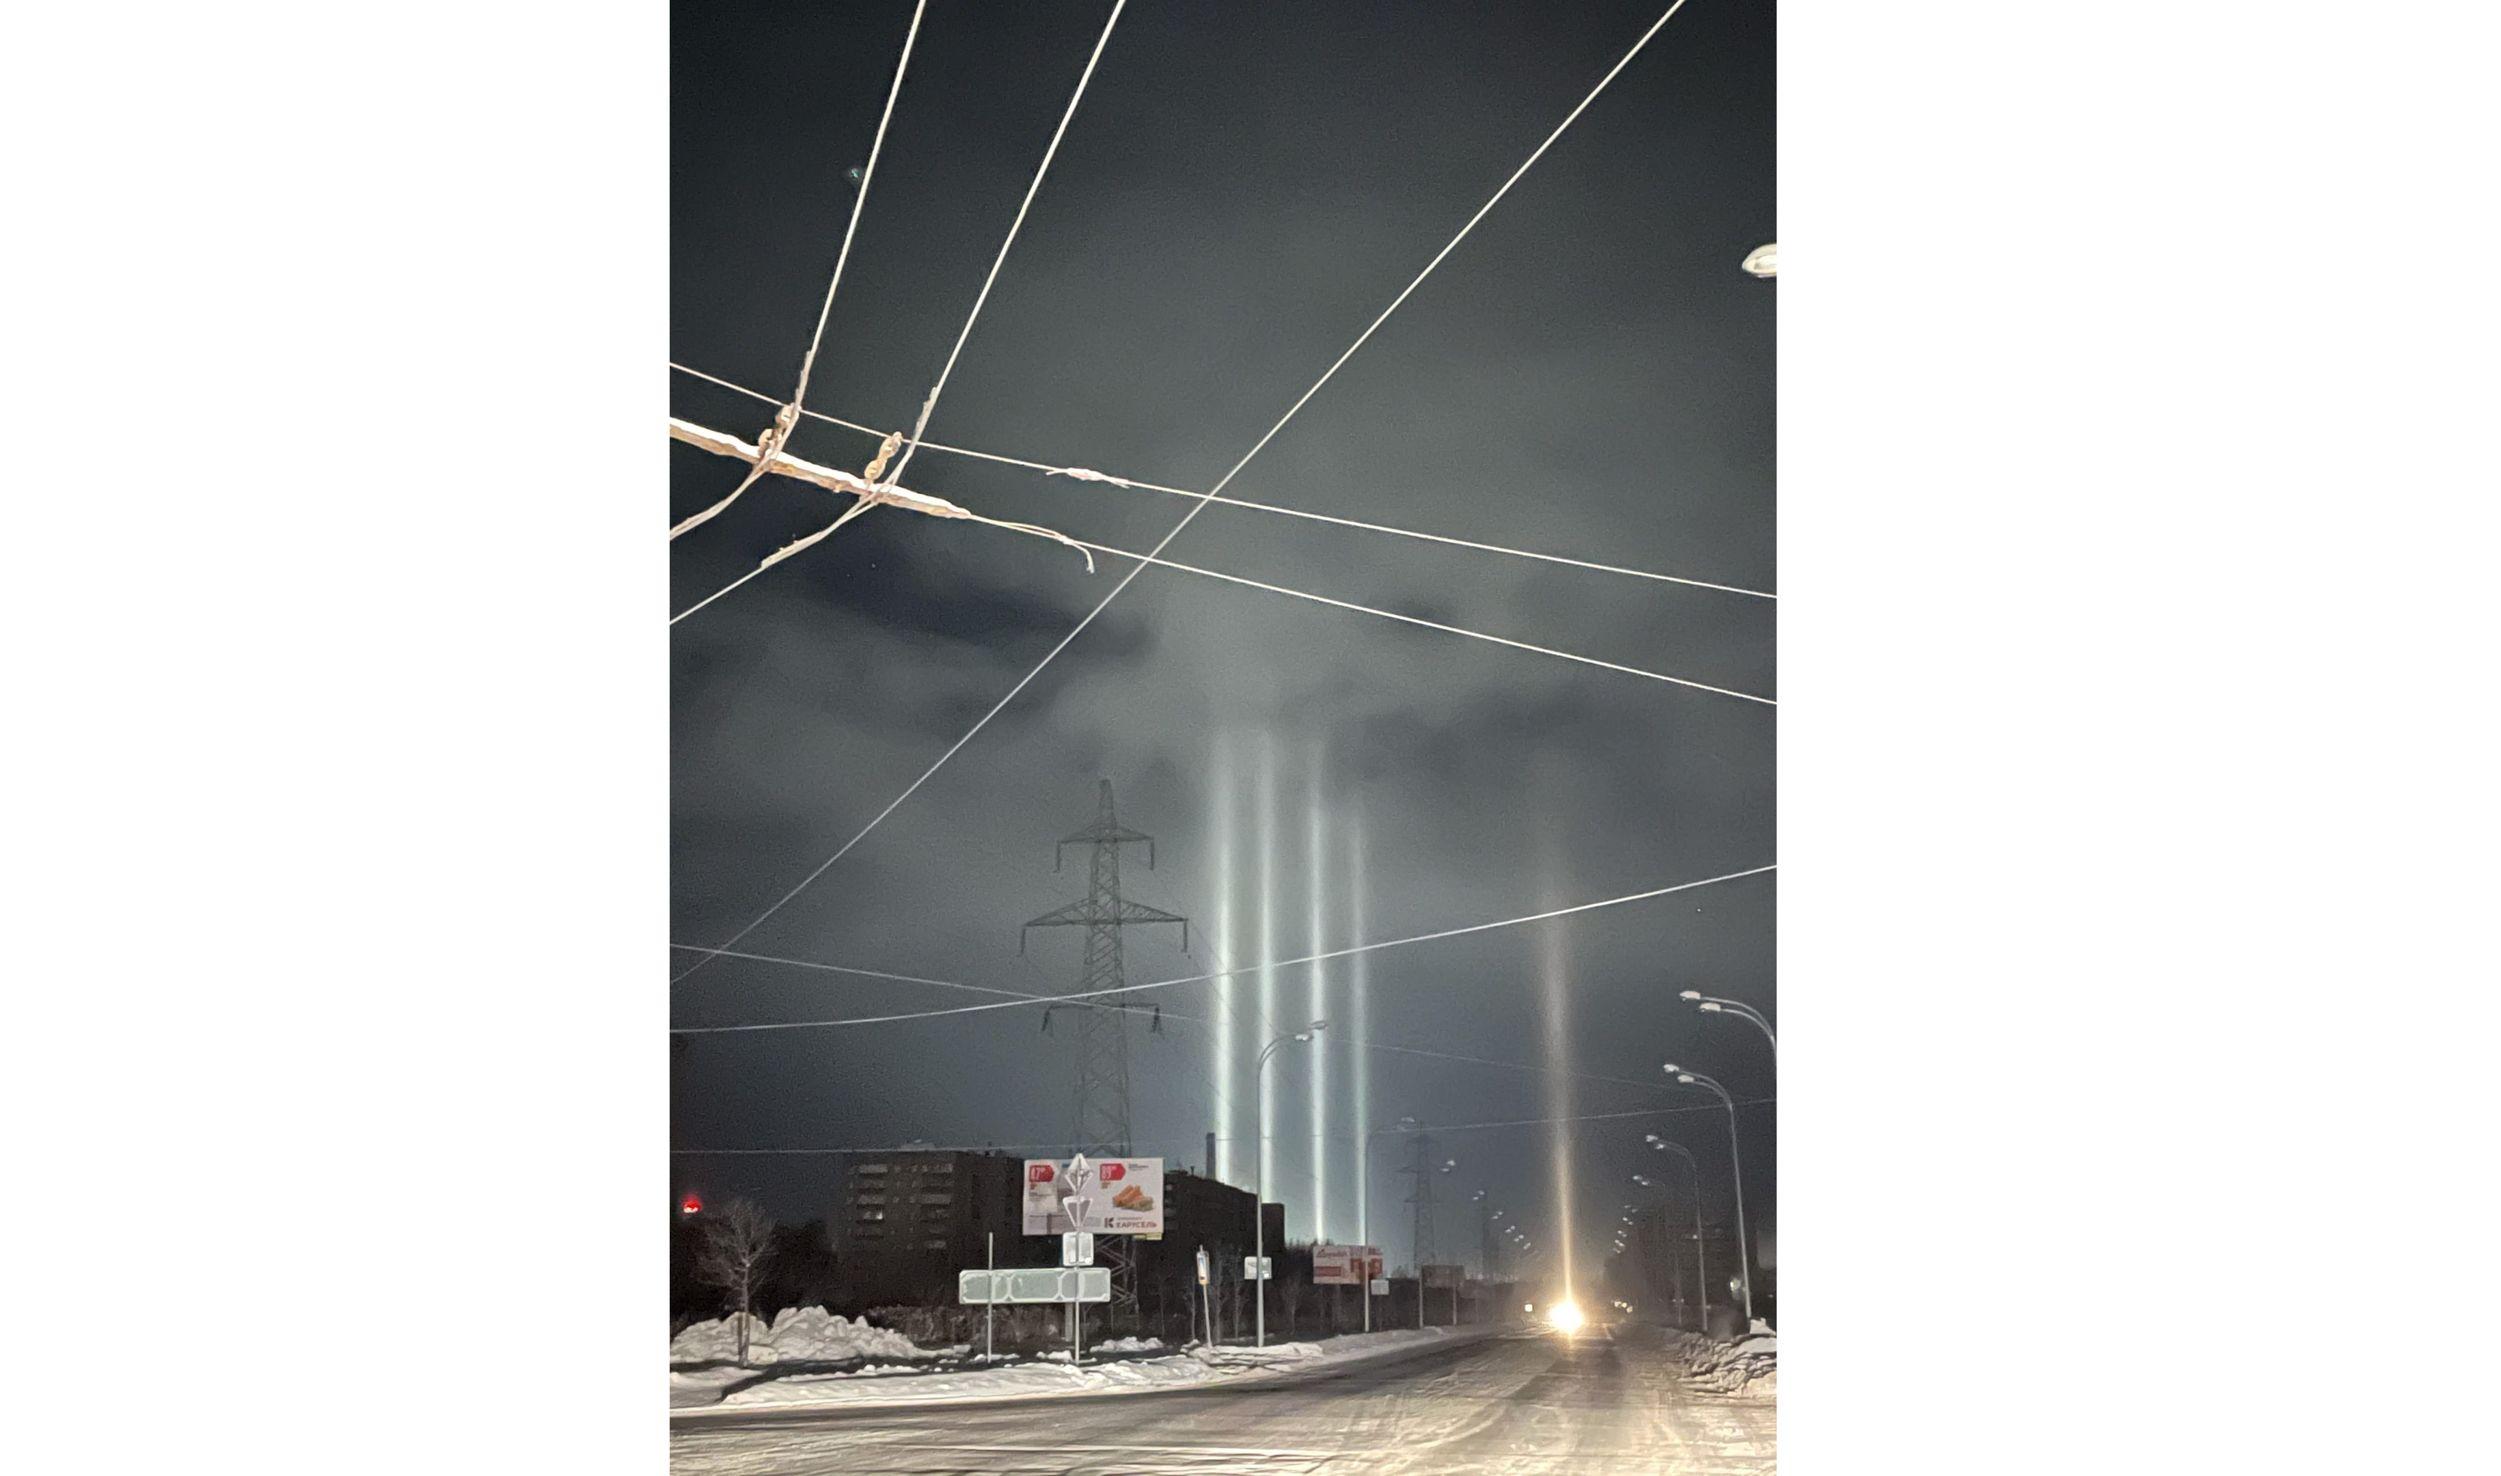 В Рыбинске утром запечатлели световые столбы: кадры